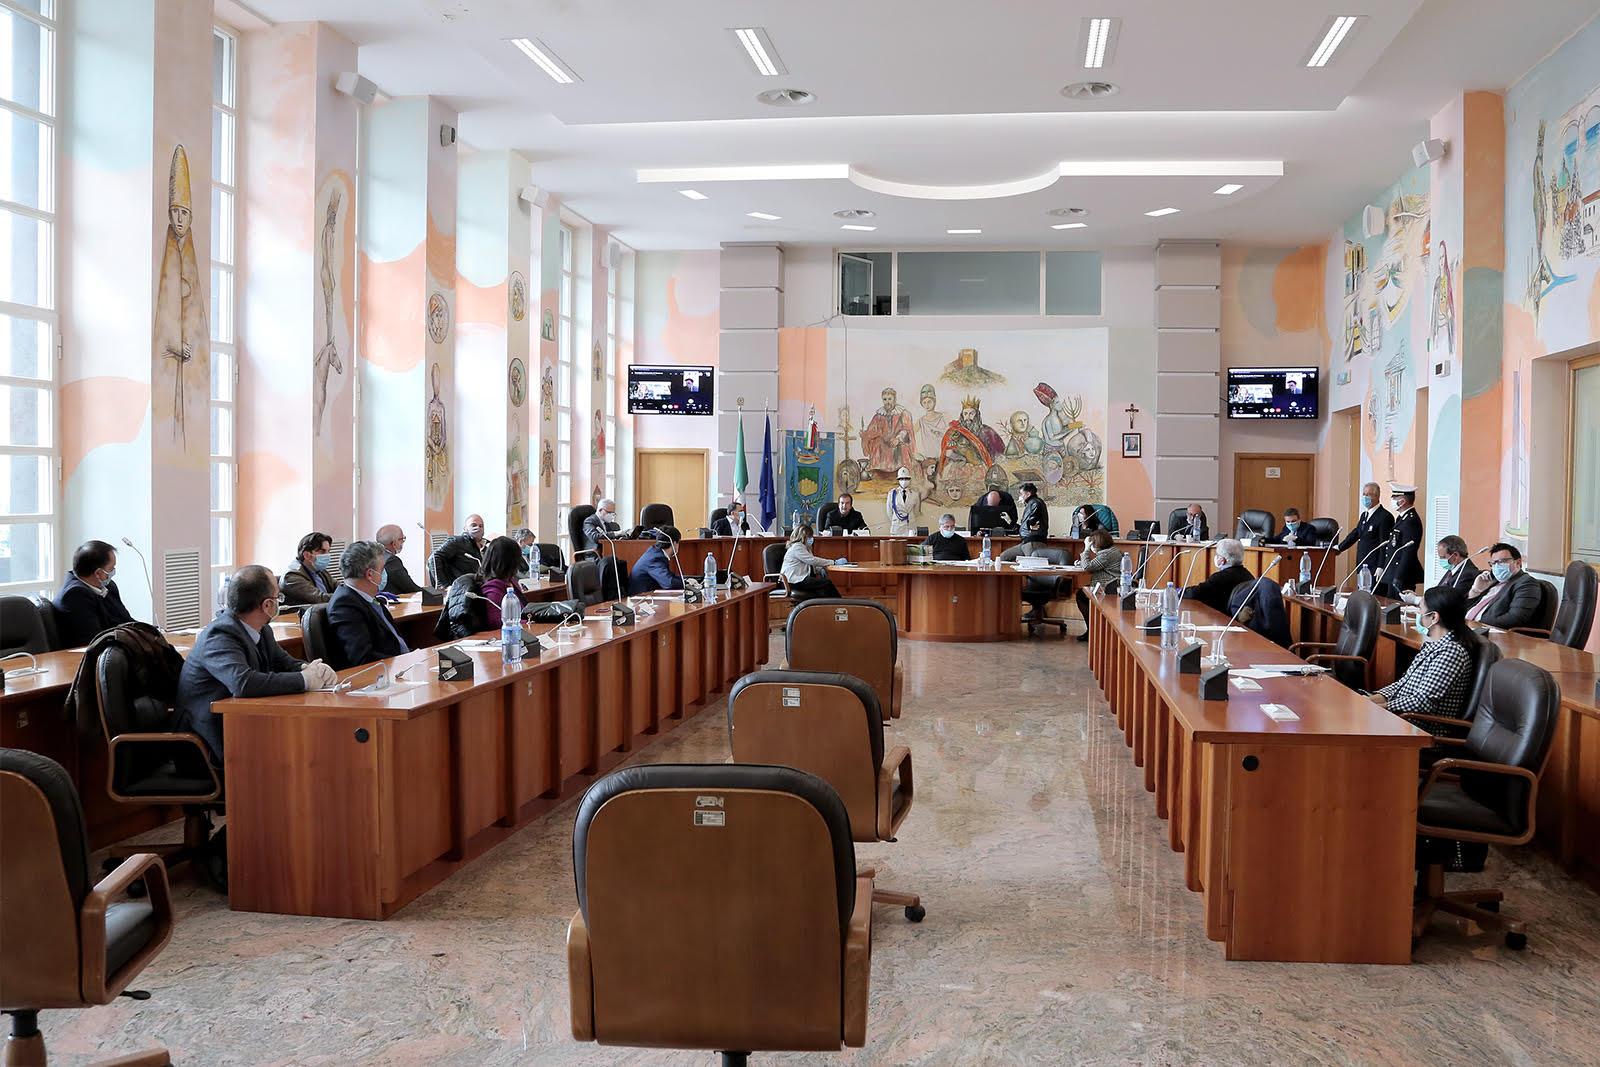 Seduta consiglio comunale del 21 dicembre